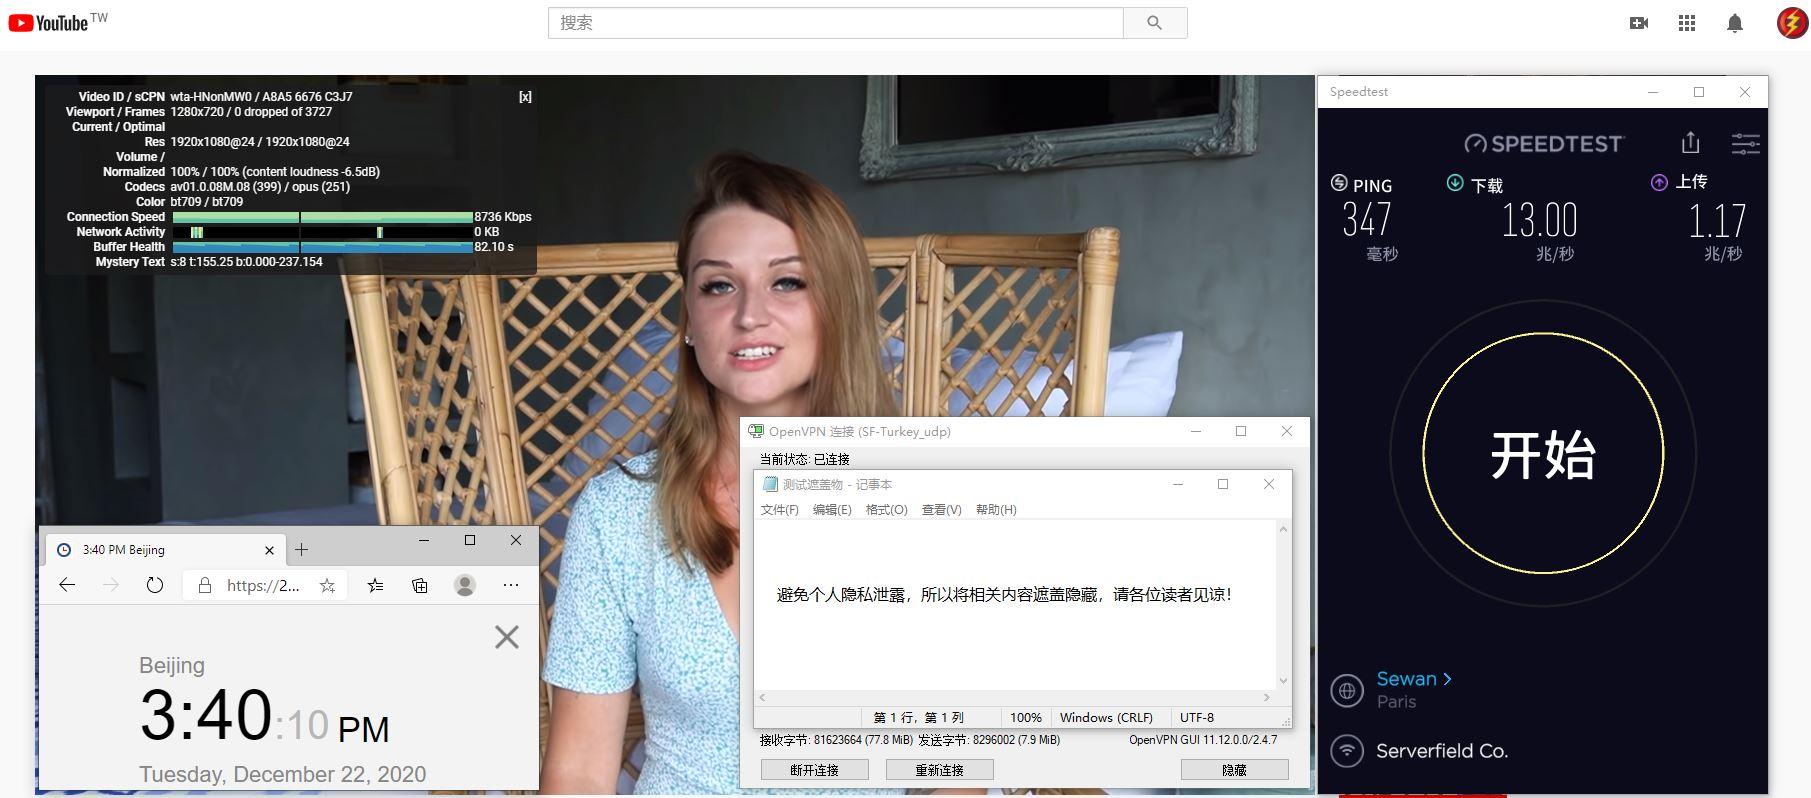 Windows10 SurfsharkVPN Turkey 服务器 中国VPN 翻墙 科学上网 测试 - 20201222